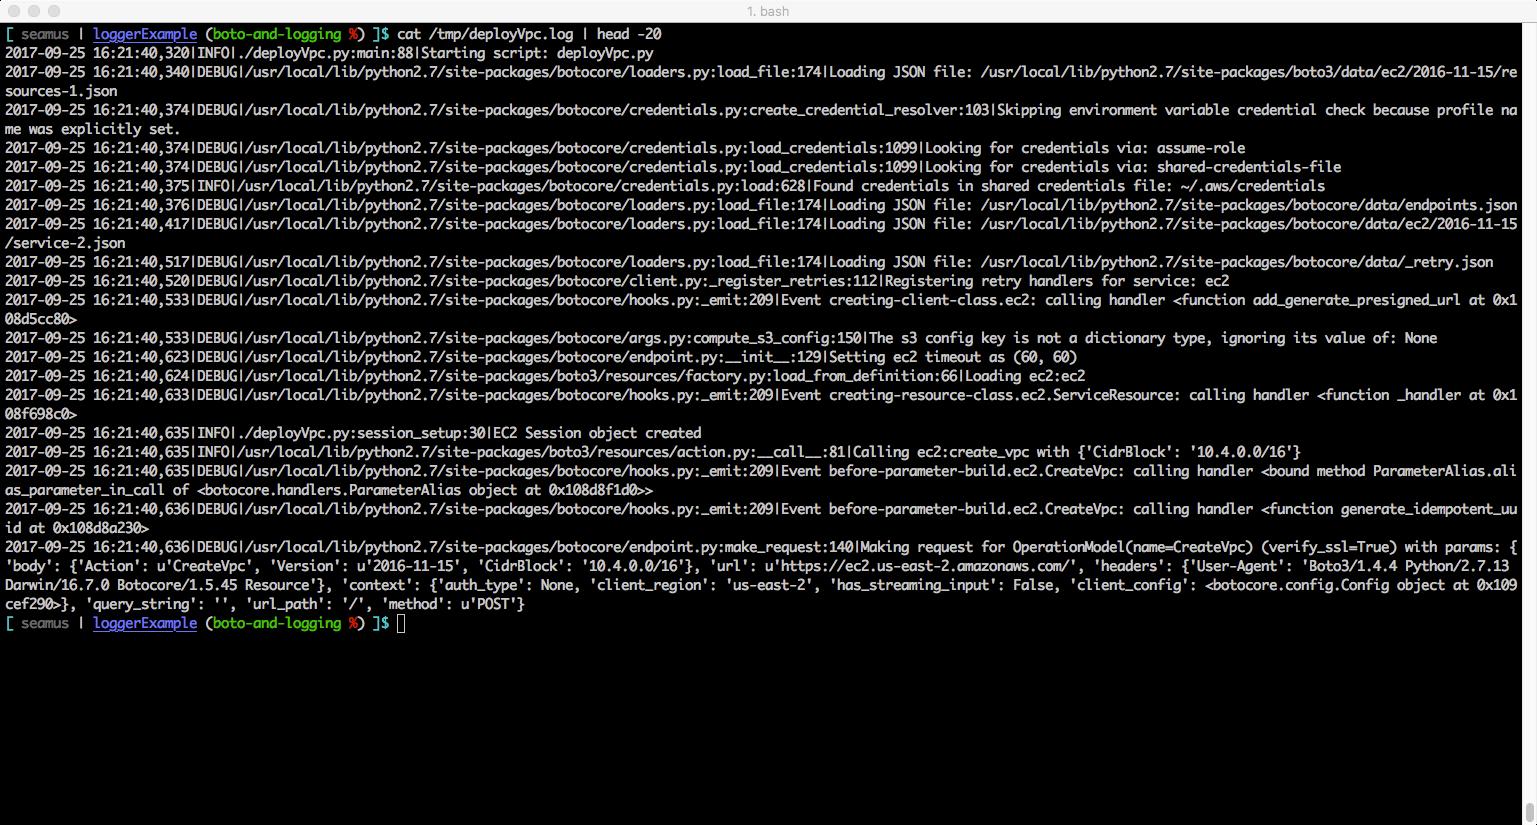 Debug logfile handler output